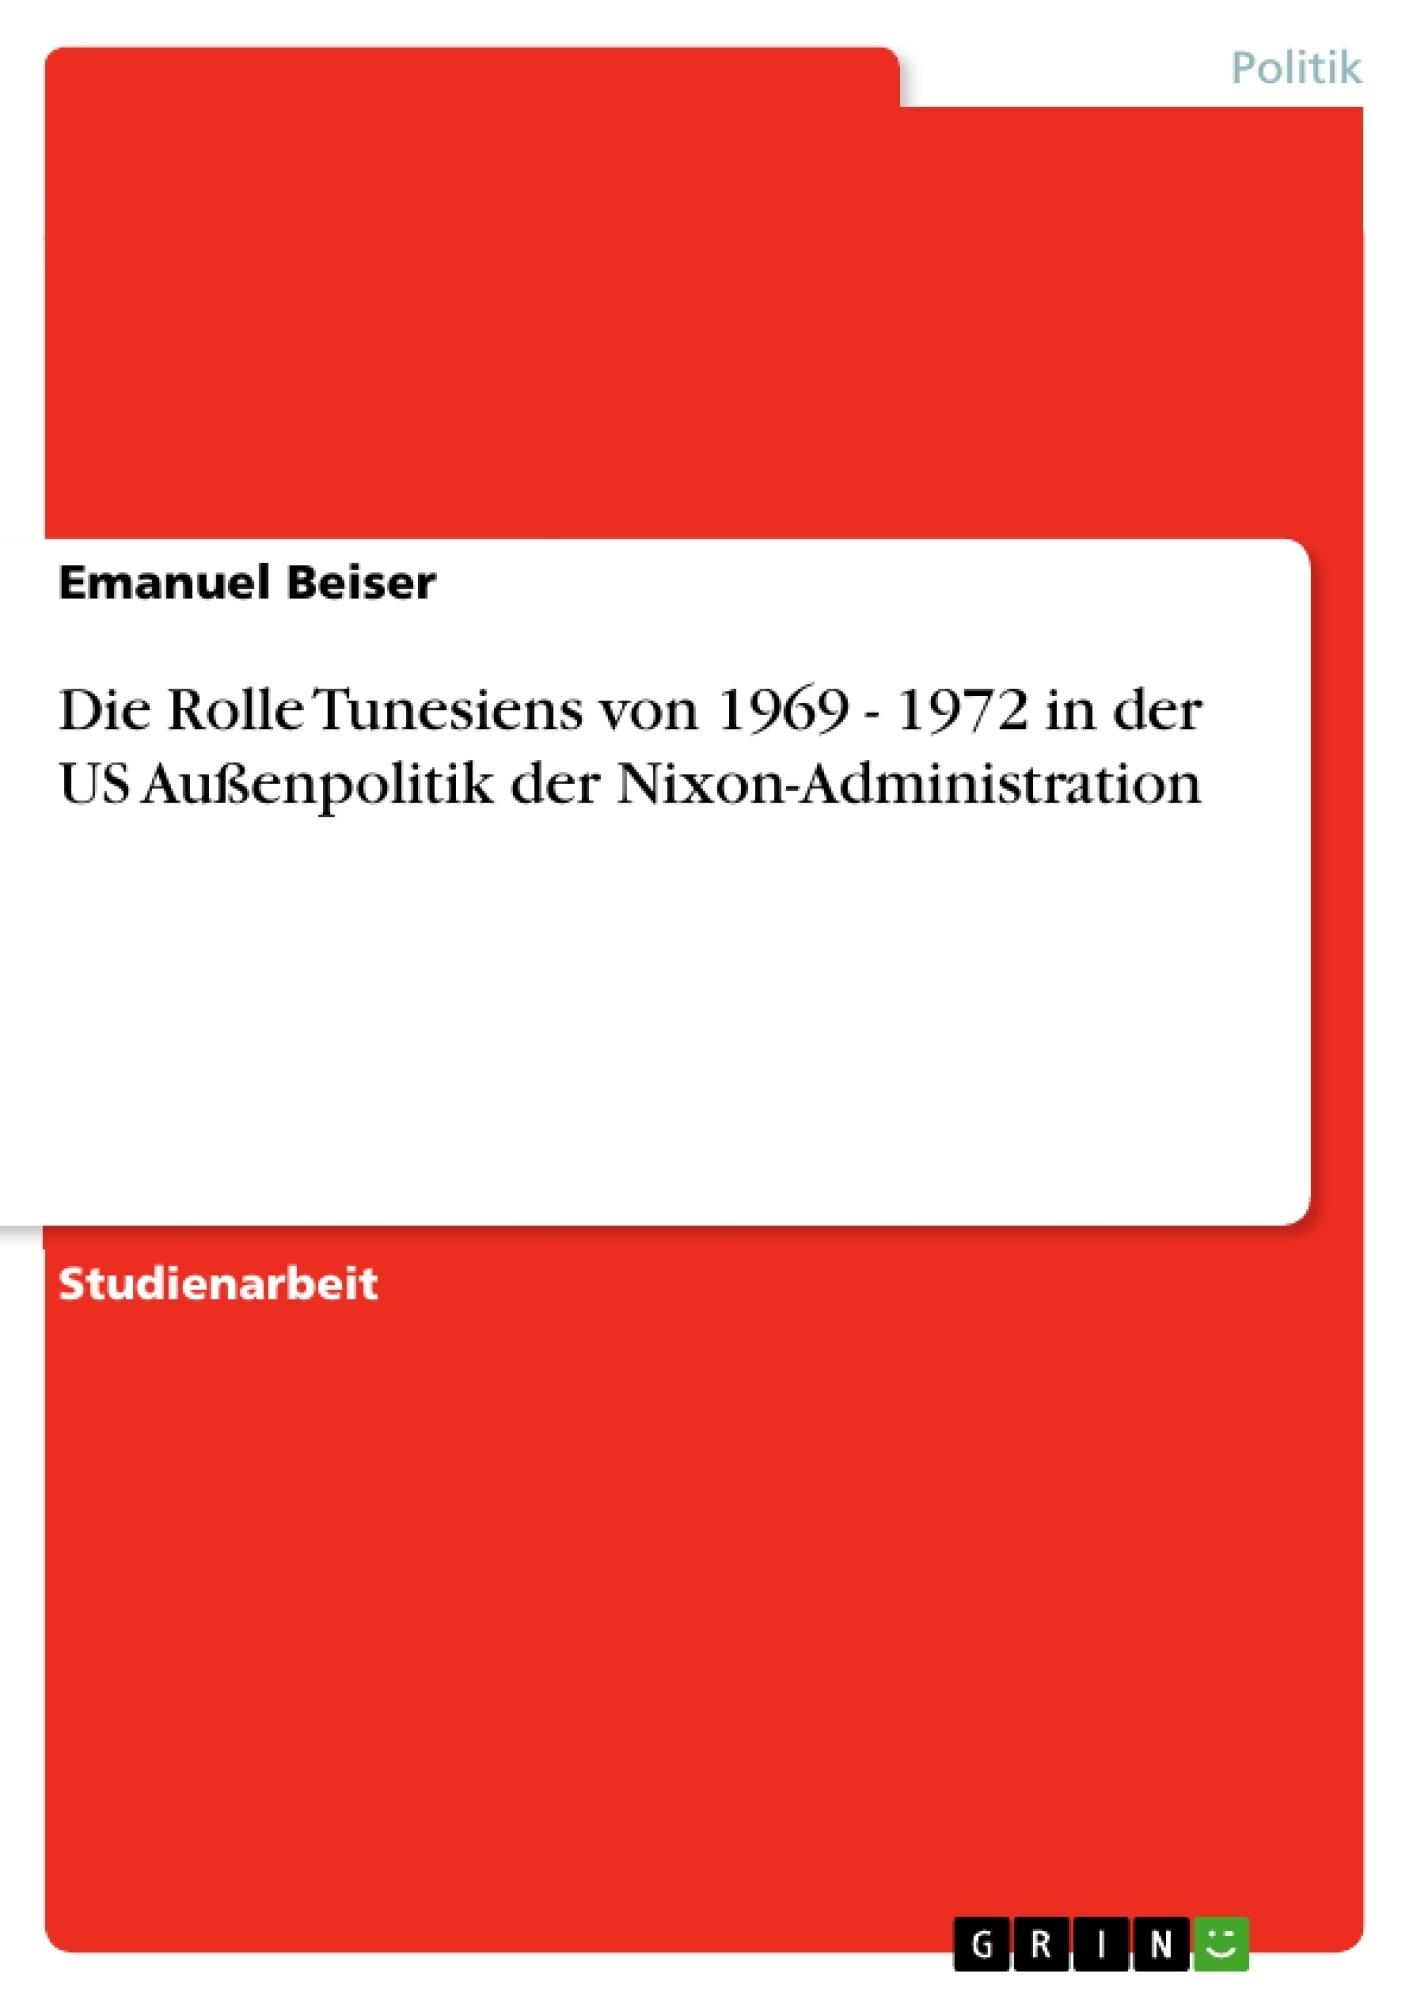 Titel: Die Rolle Tunesiens von 1969 - 1972 in der US Außenpolitik der Nixon-Administration